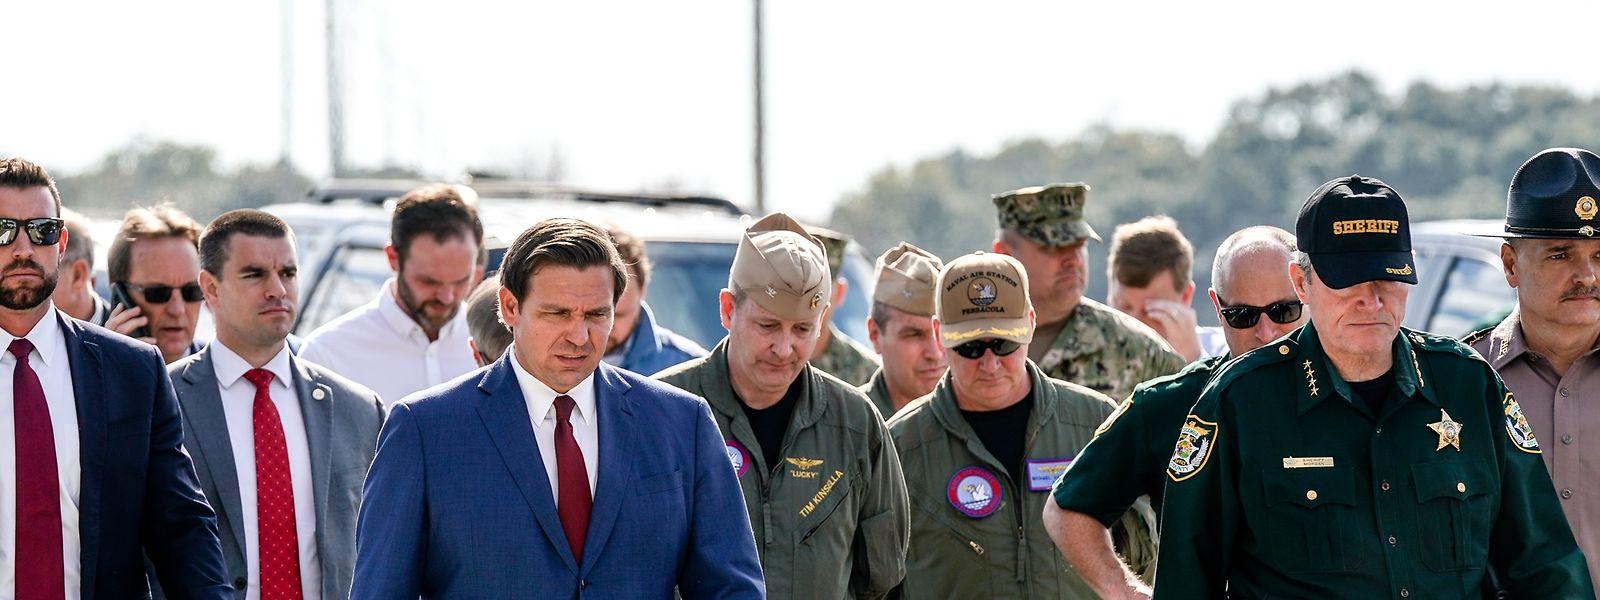 Gouverneur Ron DeSantis (Mitte) am Tatort.